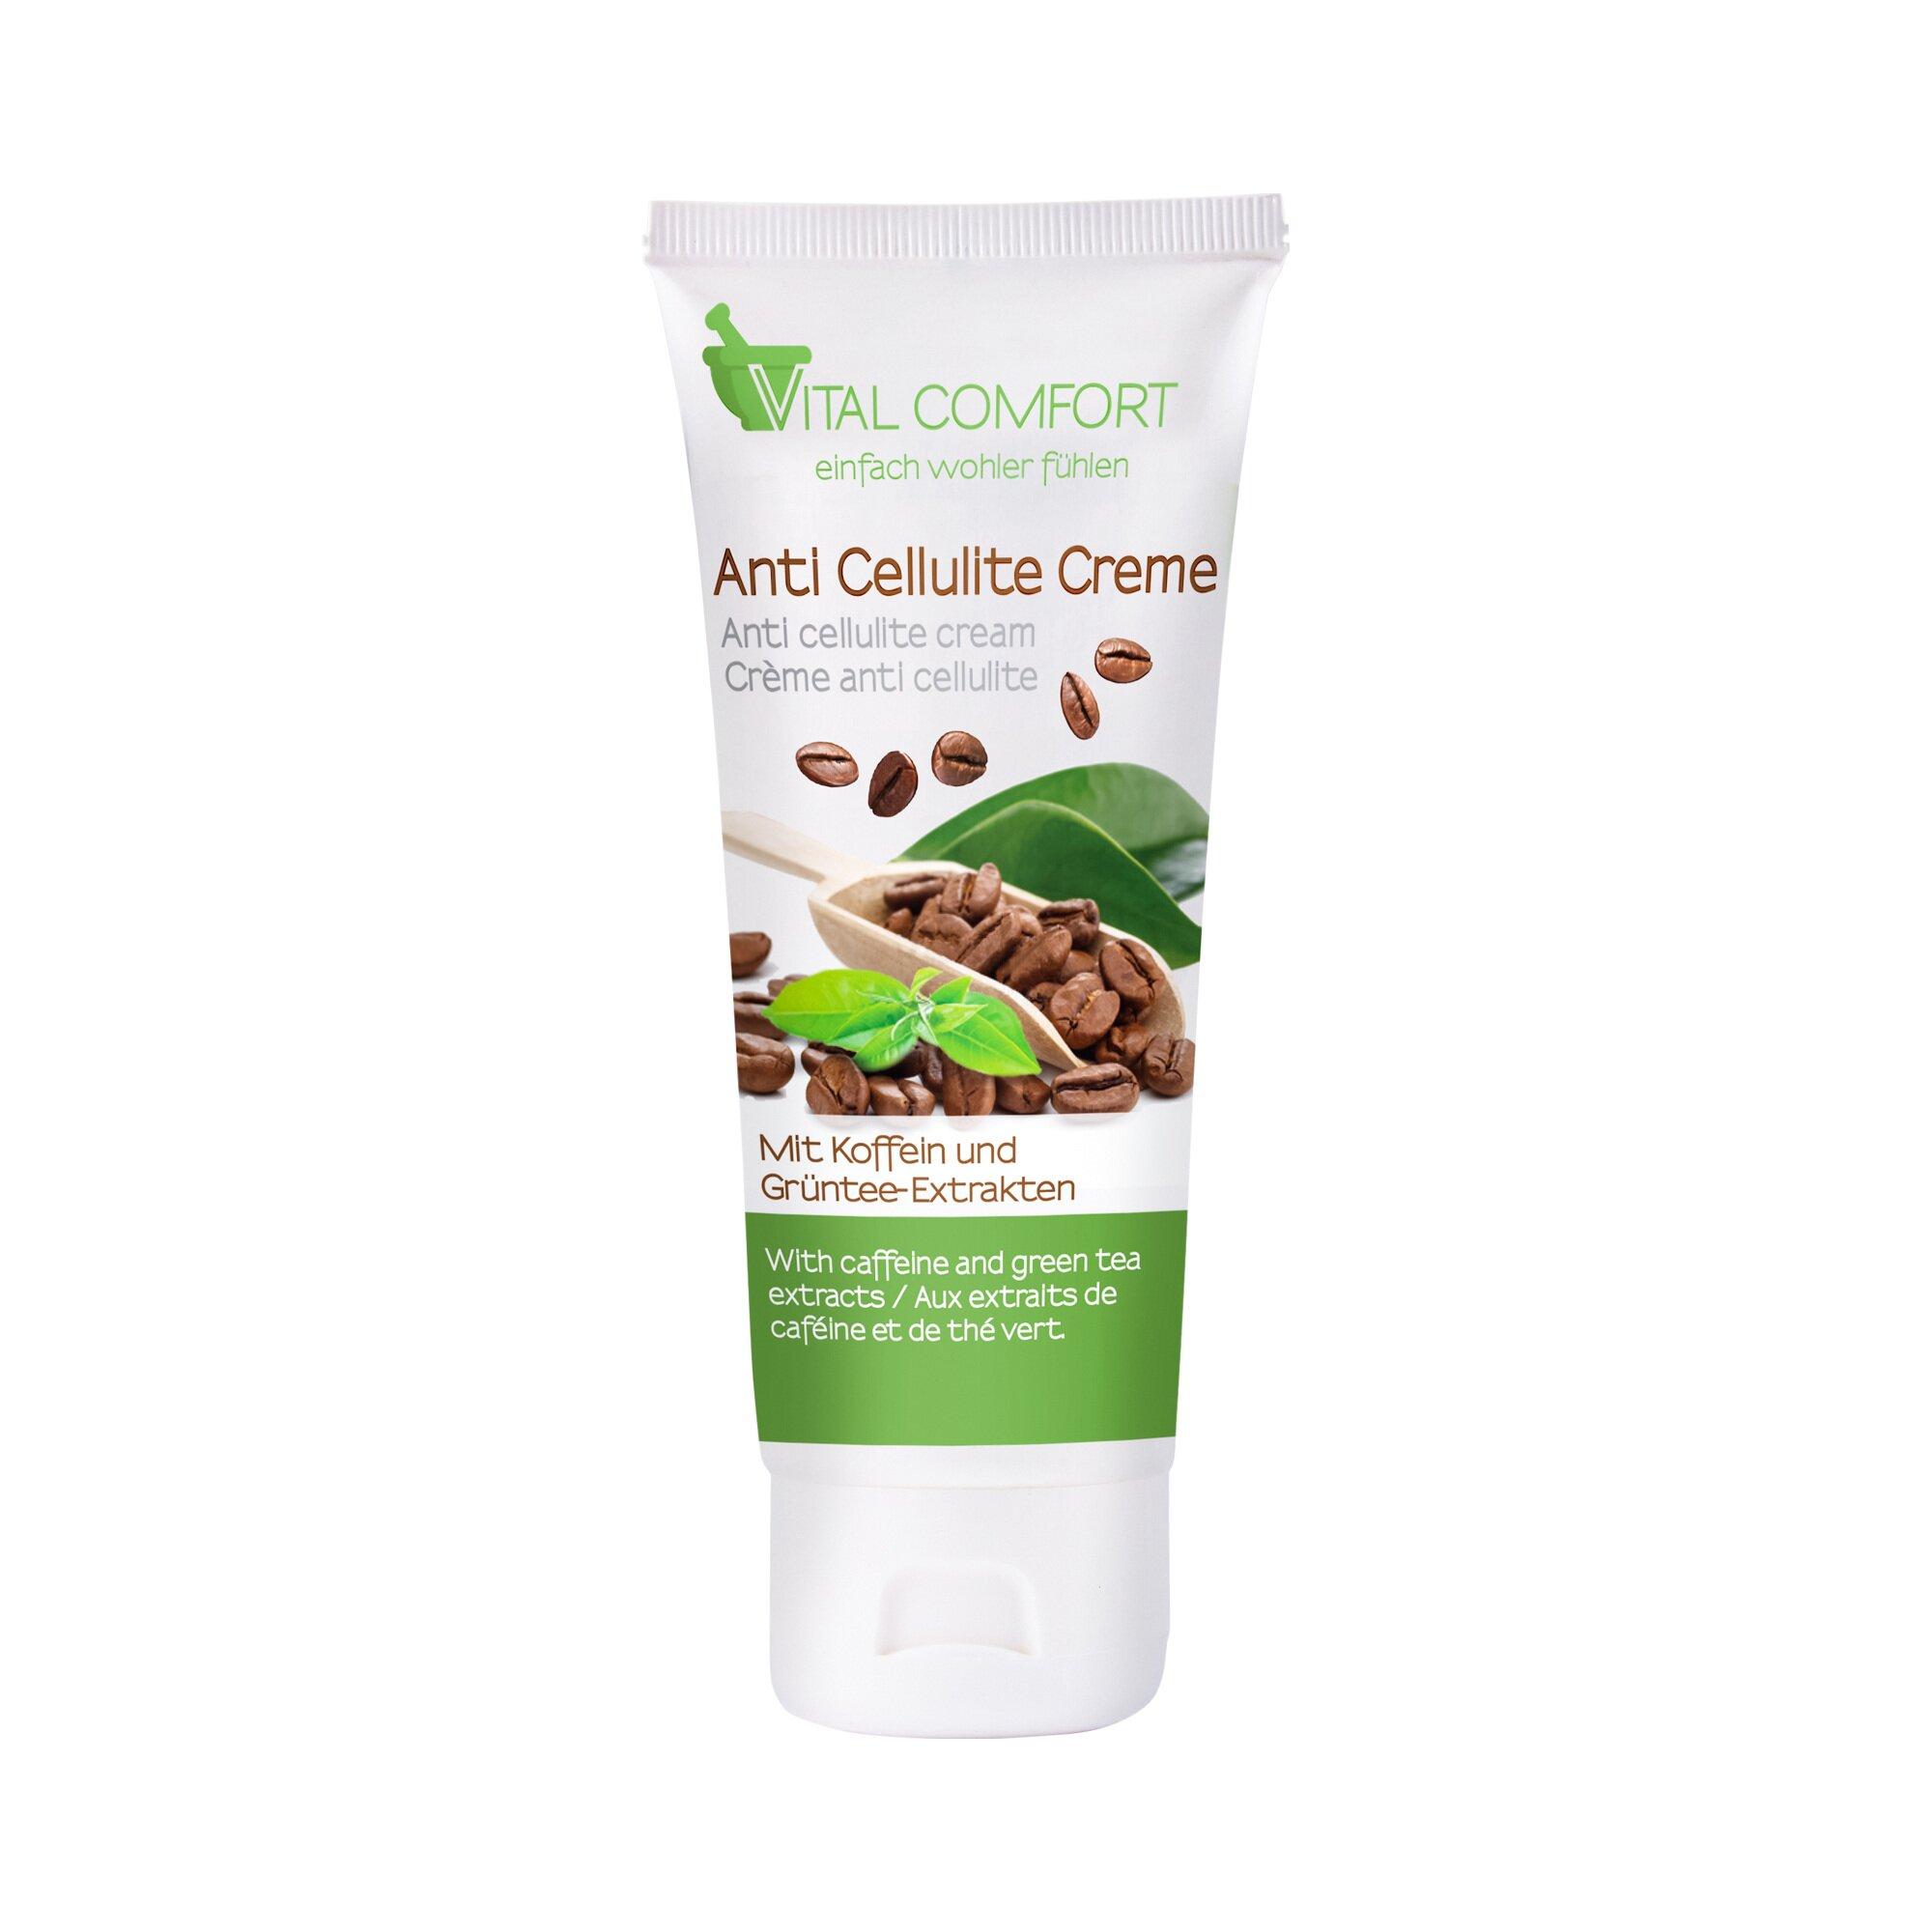 Image of Anti Cellulite Creme